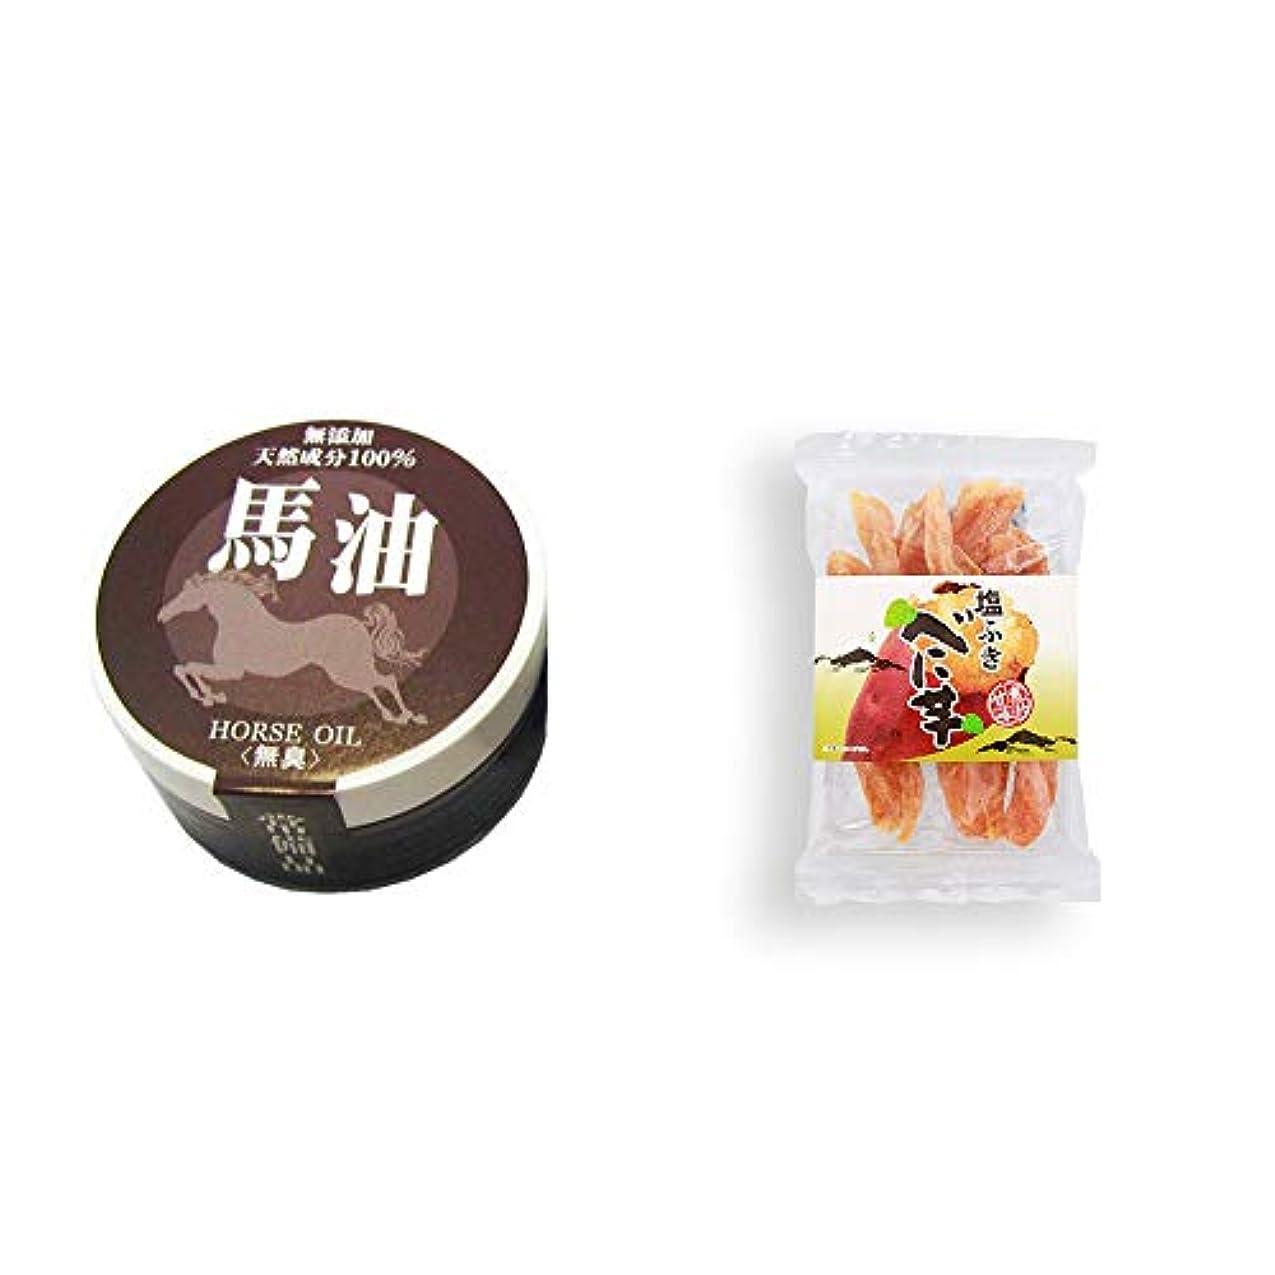 含めるバインドスリット[2点セット] 無添加天然成分100% 馬油[無香料](38g)?塩ふき べに芋(250g)